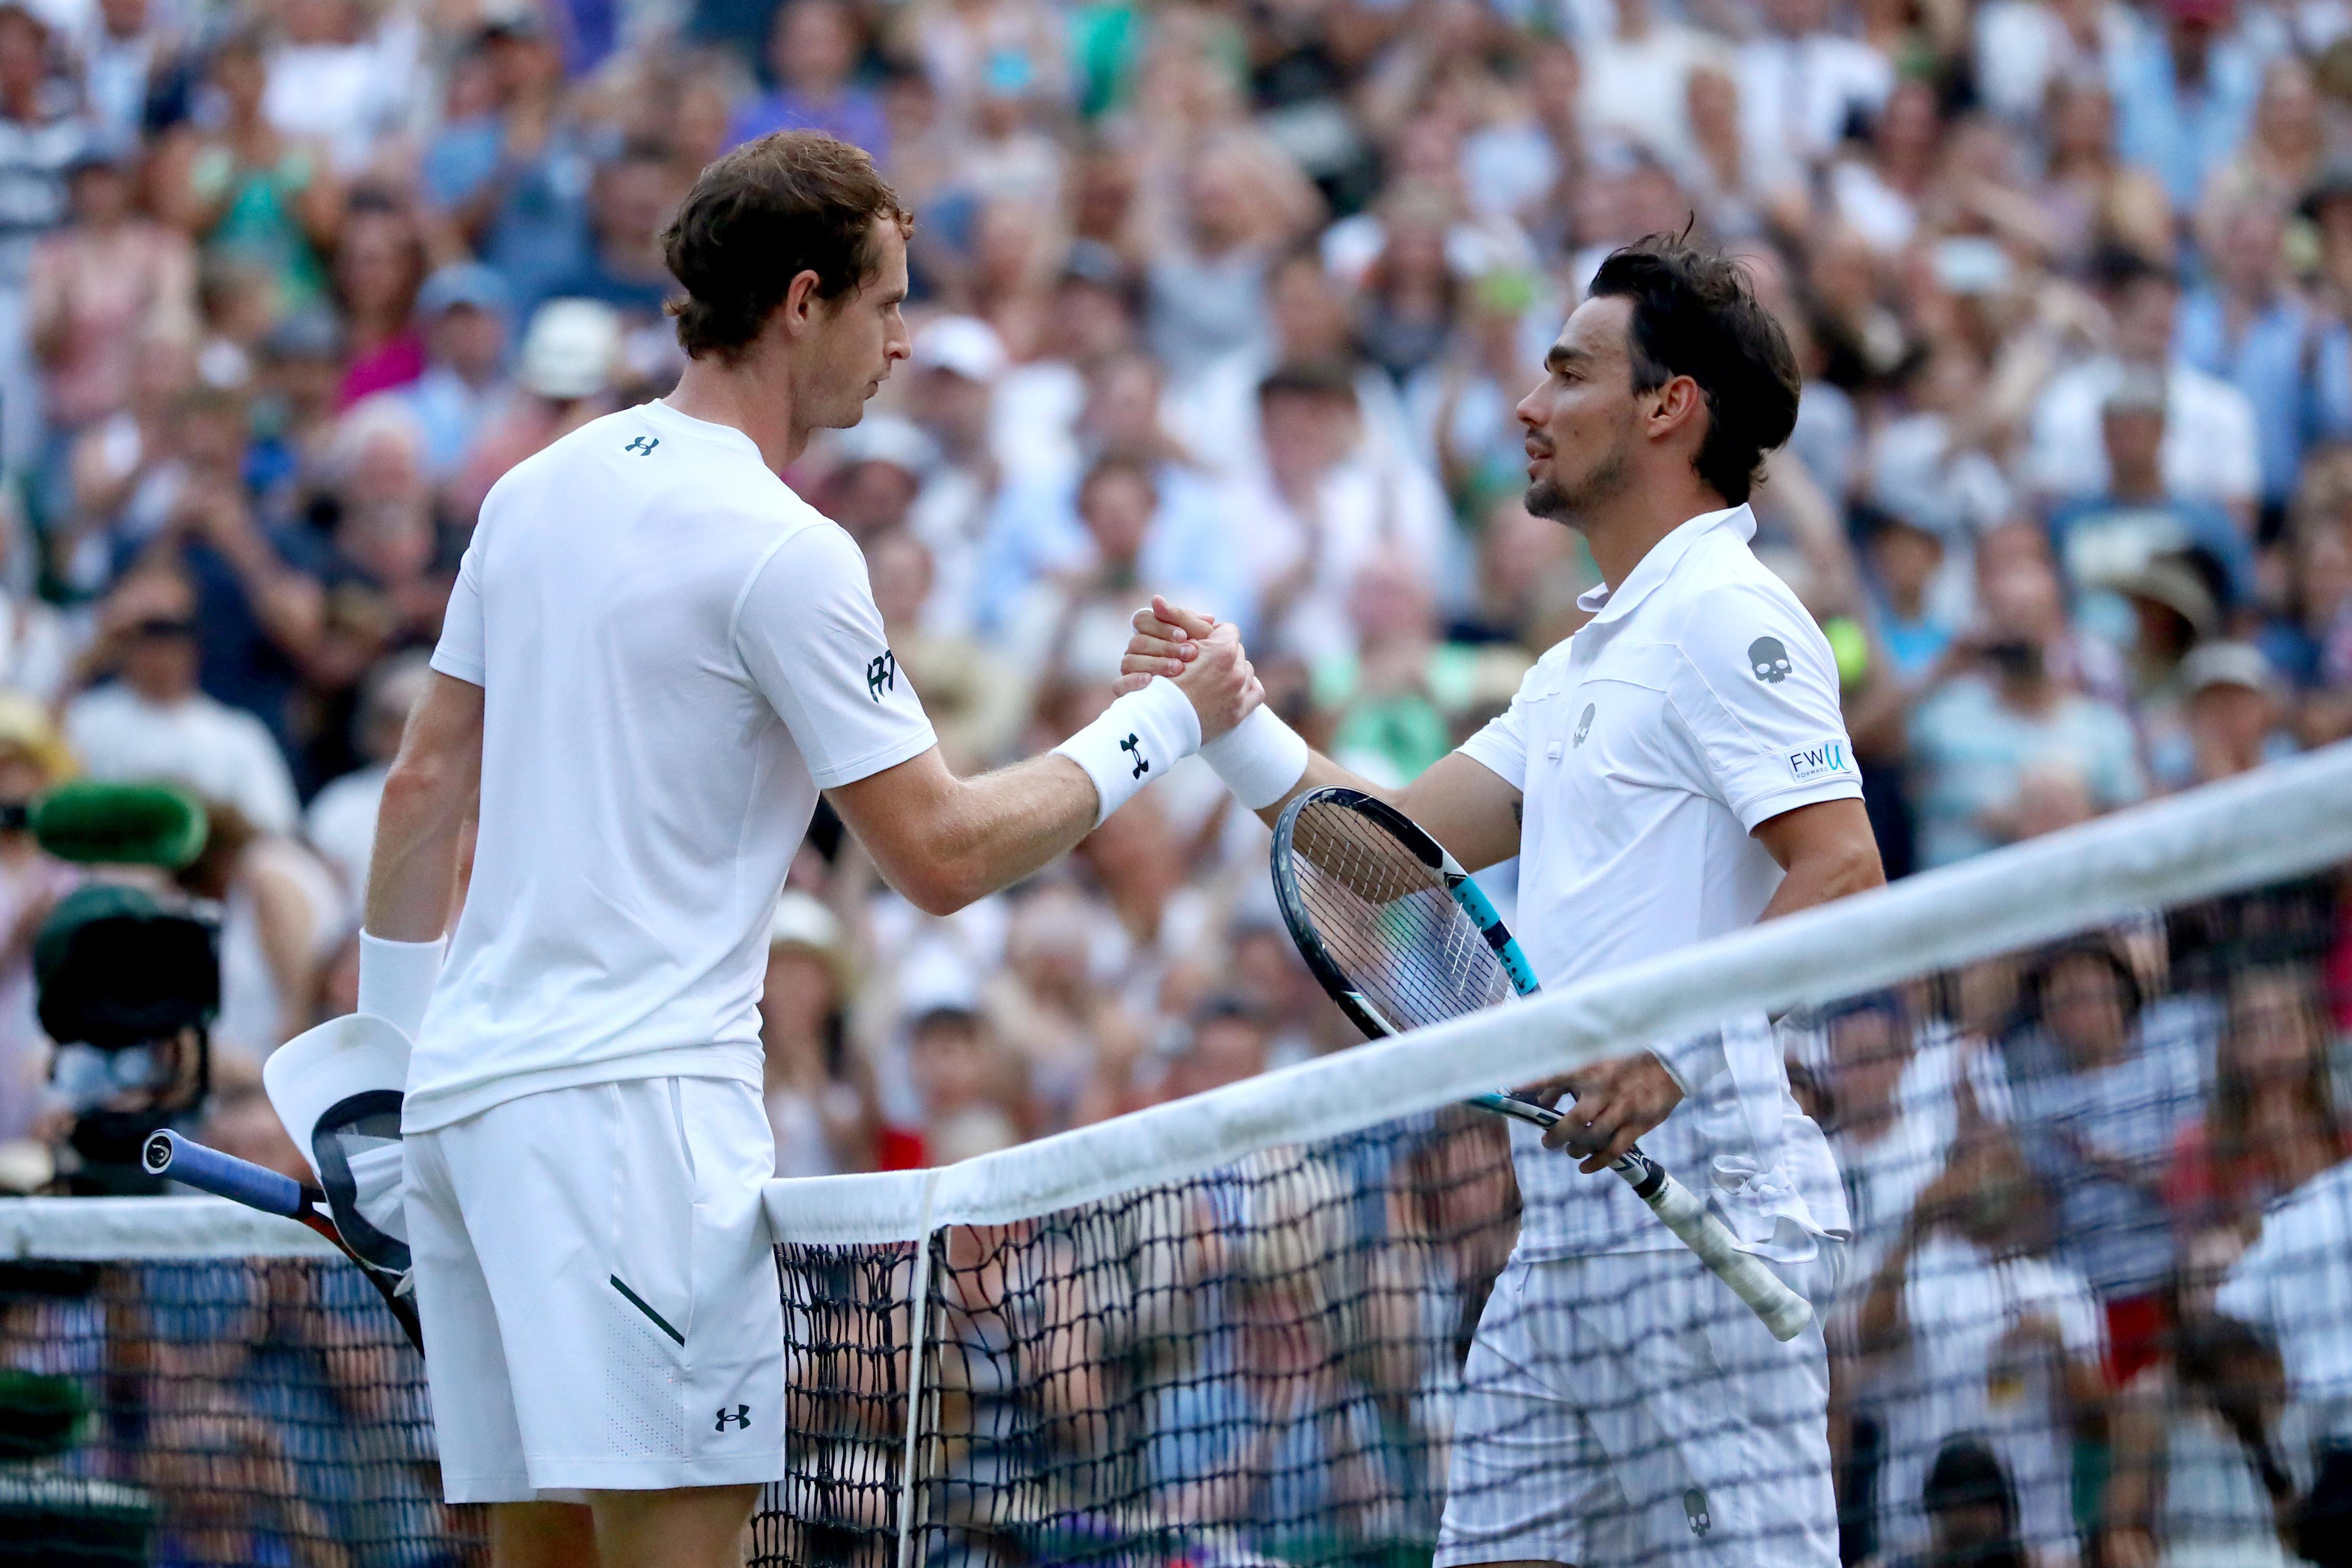 Der Italiener Fabio Fognini konnte Andy Murray den zweiten Satz abnehmen. Der Brite trifft in der vierten Runde auf Benoit Paire aus Frankreich.